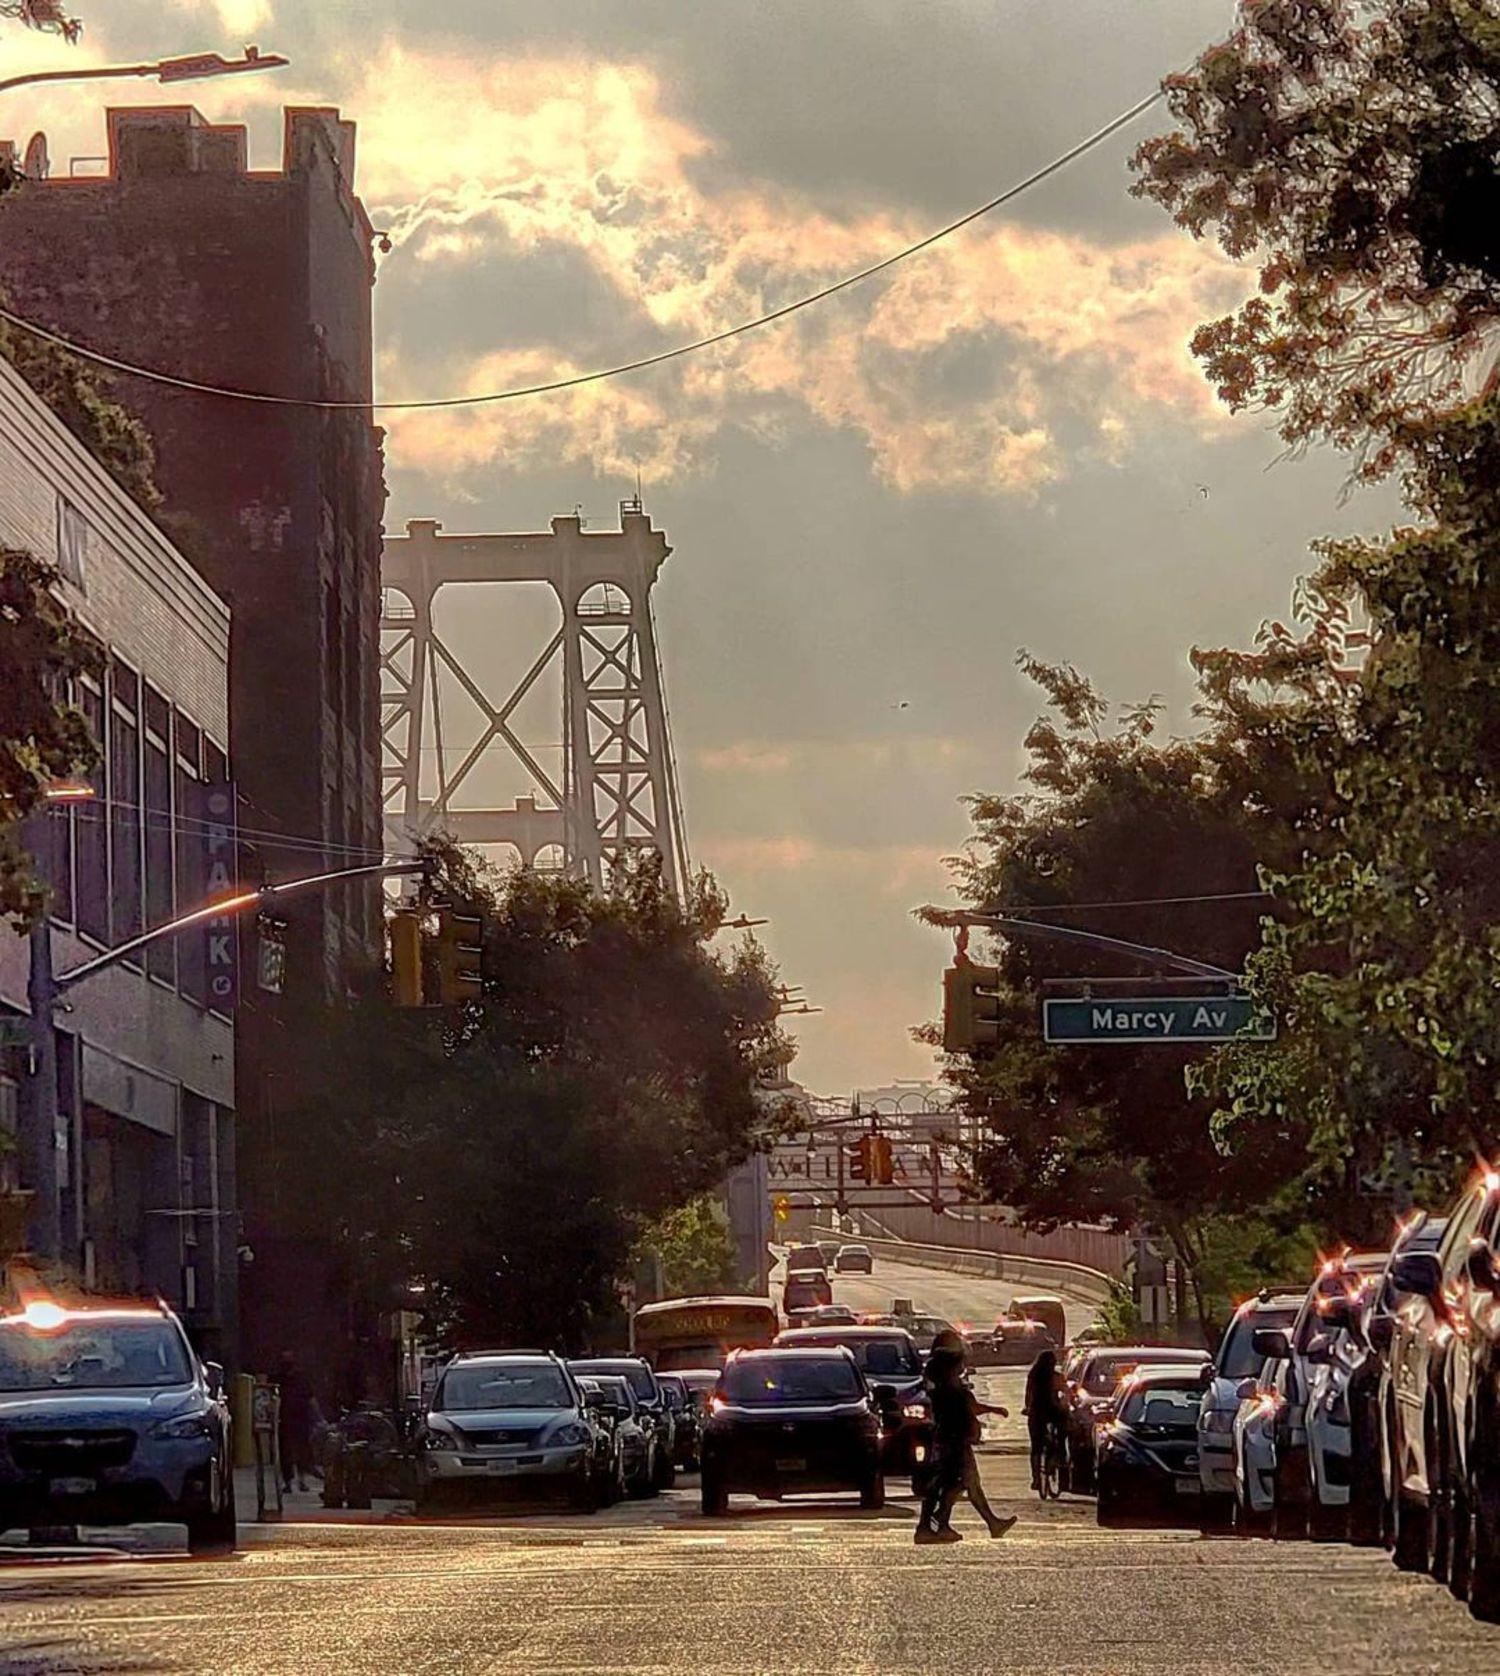 Marcy Avenue, Williamsburg, Brooklyn